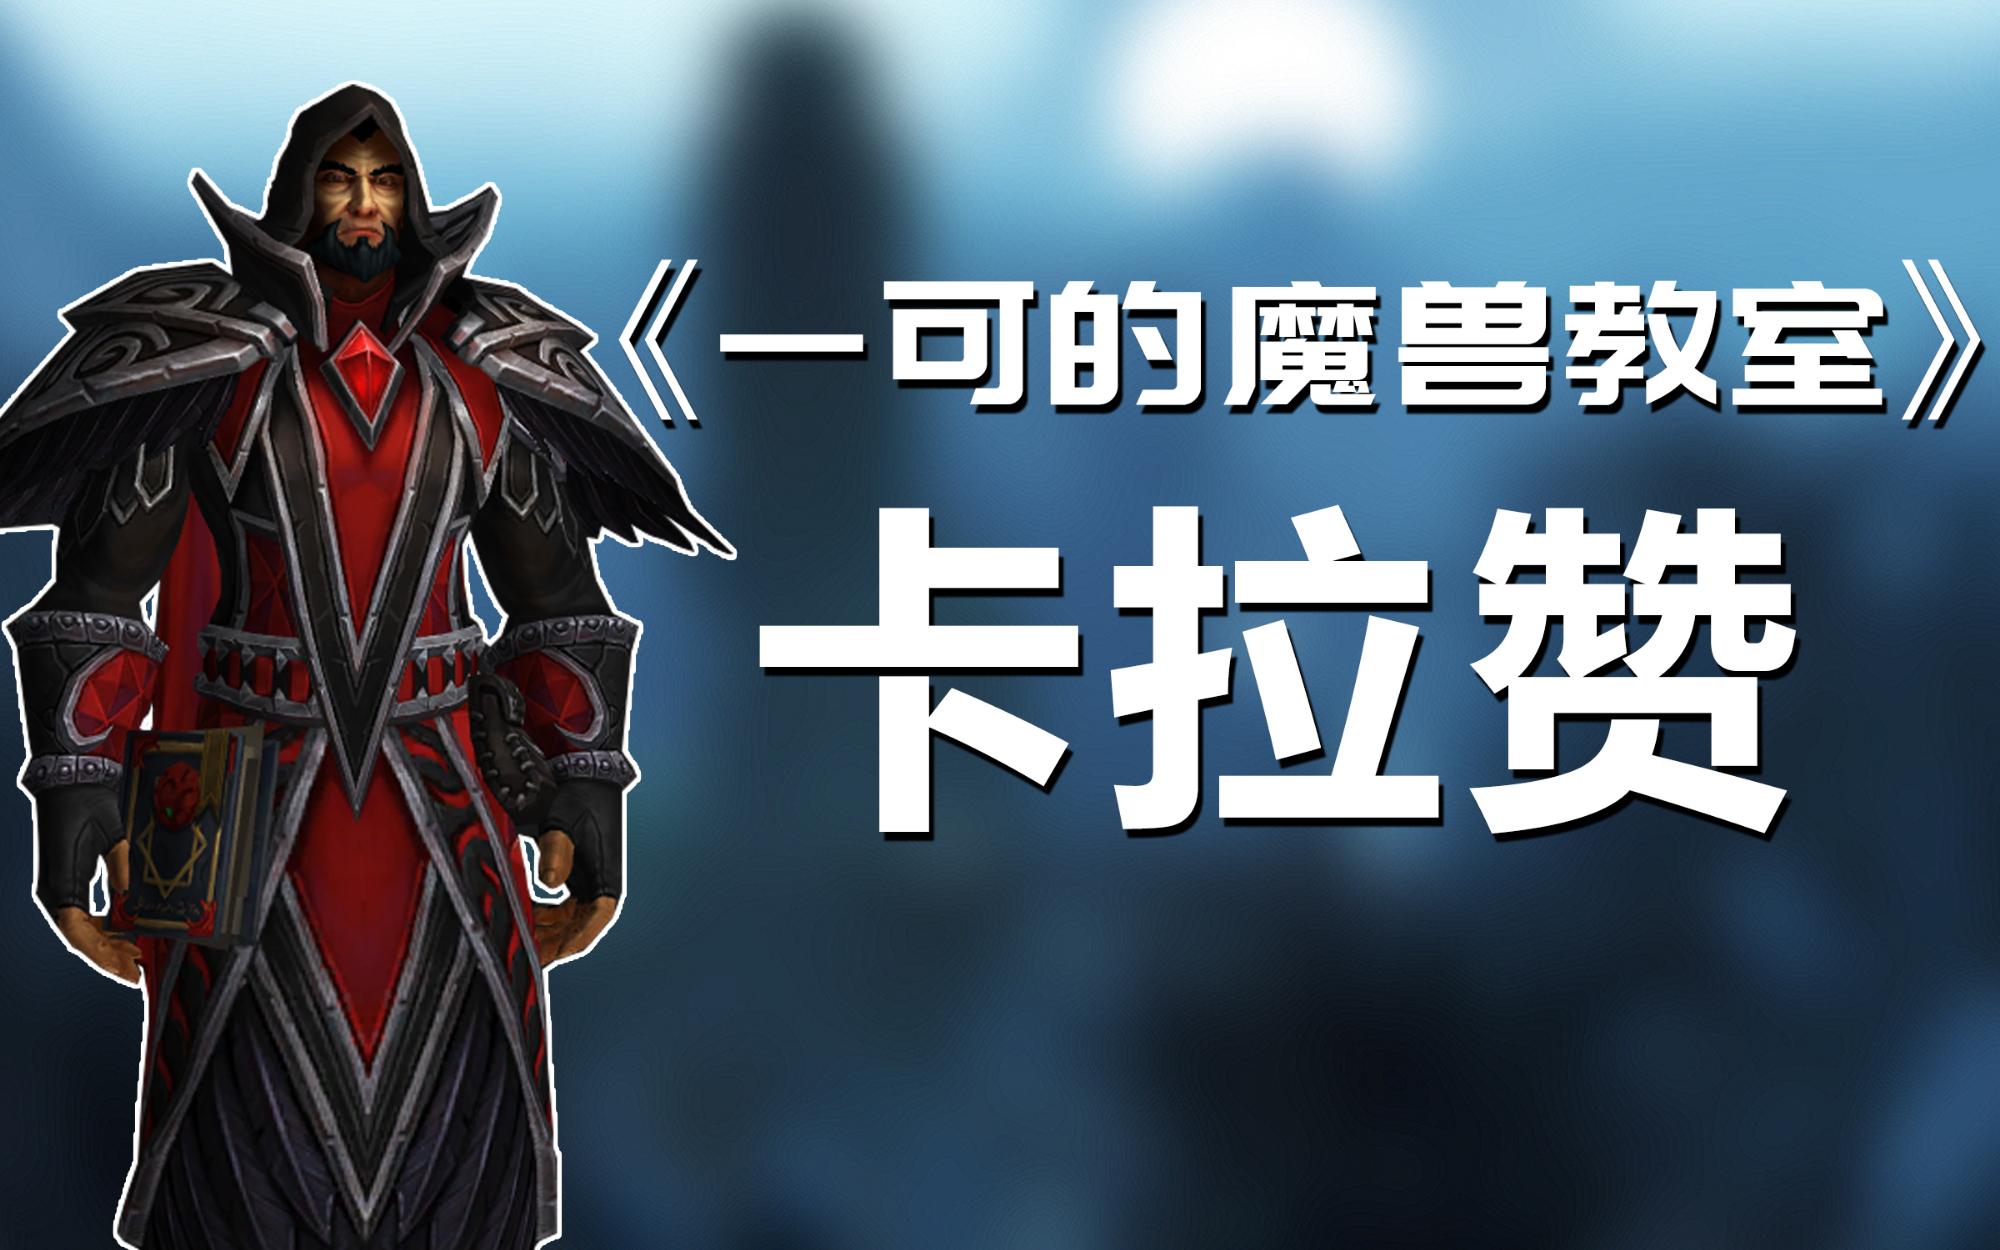 【魔兽怀旧服】卡拉赞boss攻略合集(已完结)